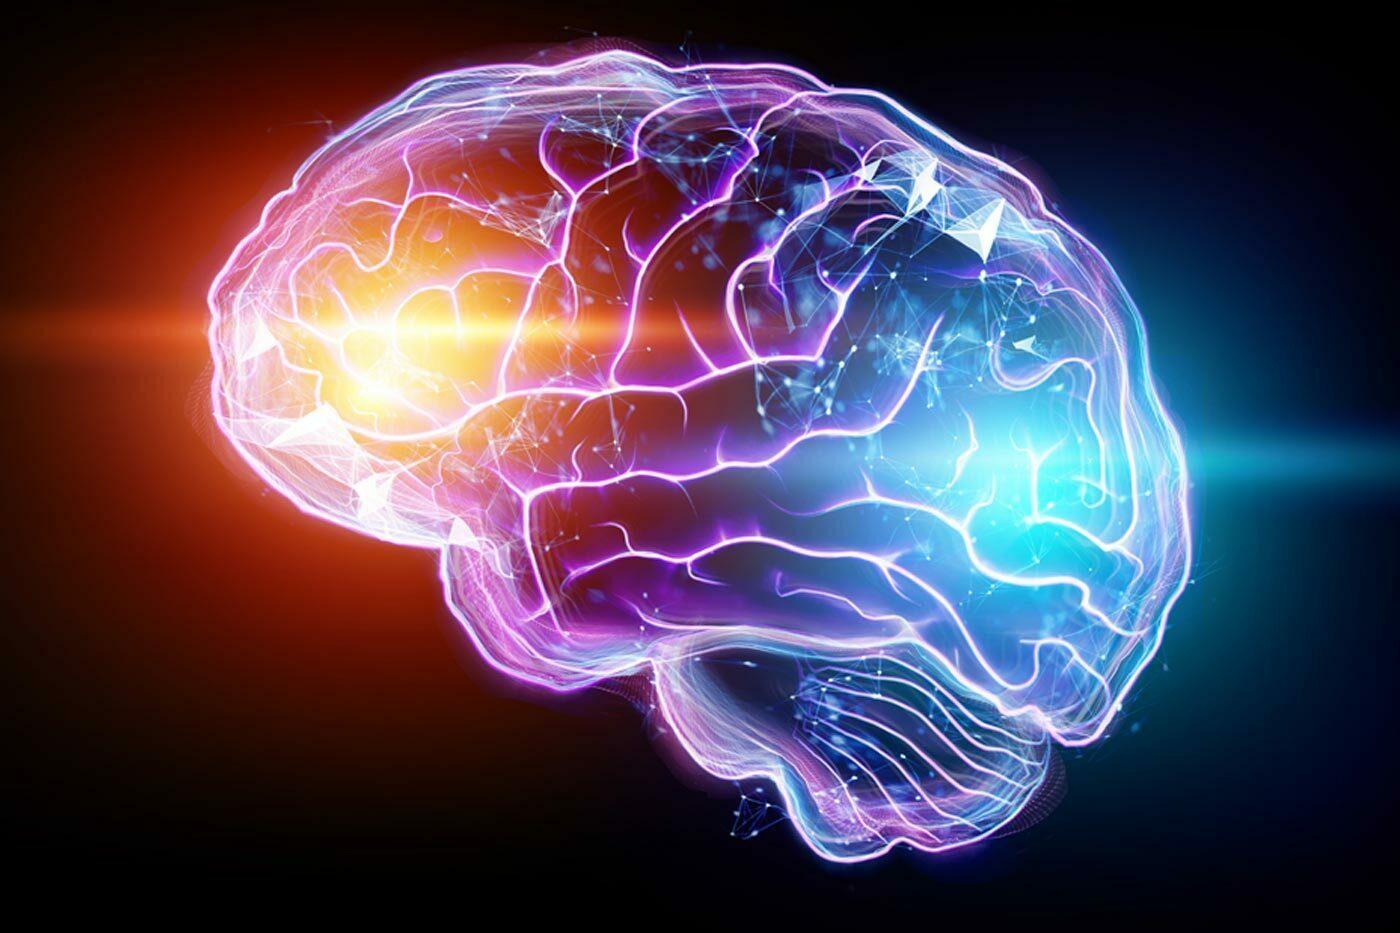 Επιβεβαιώθηκε επιστημονικά η ύπαρξη της 6ης αίσθησης